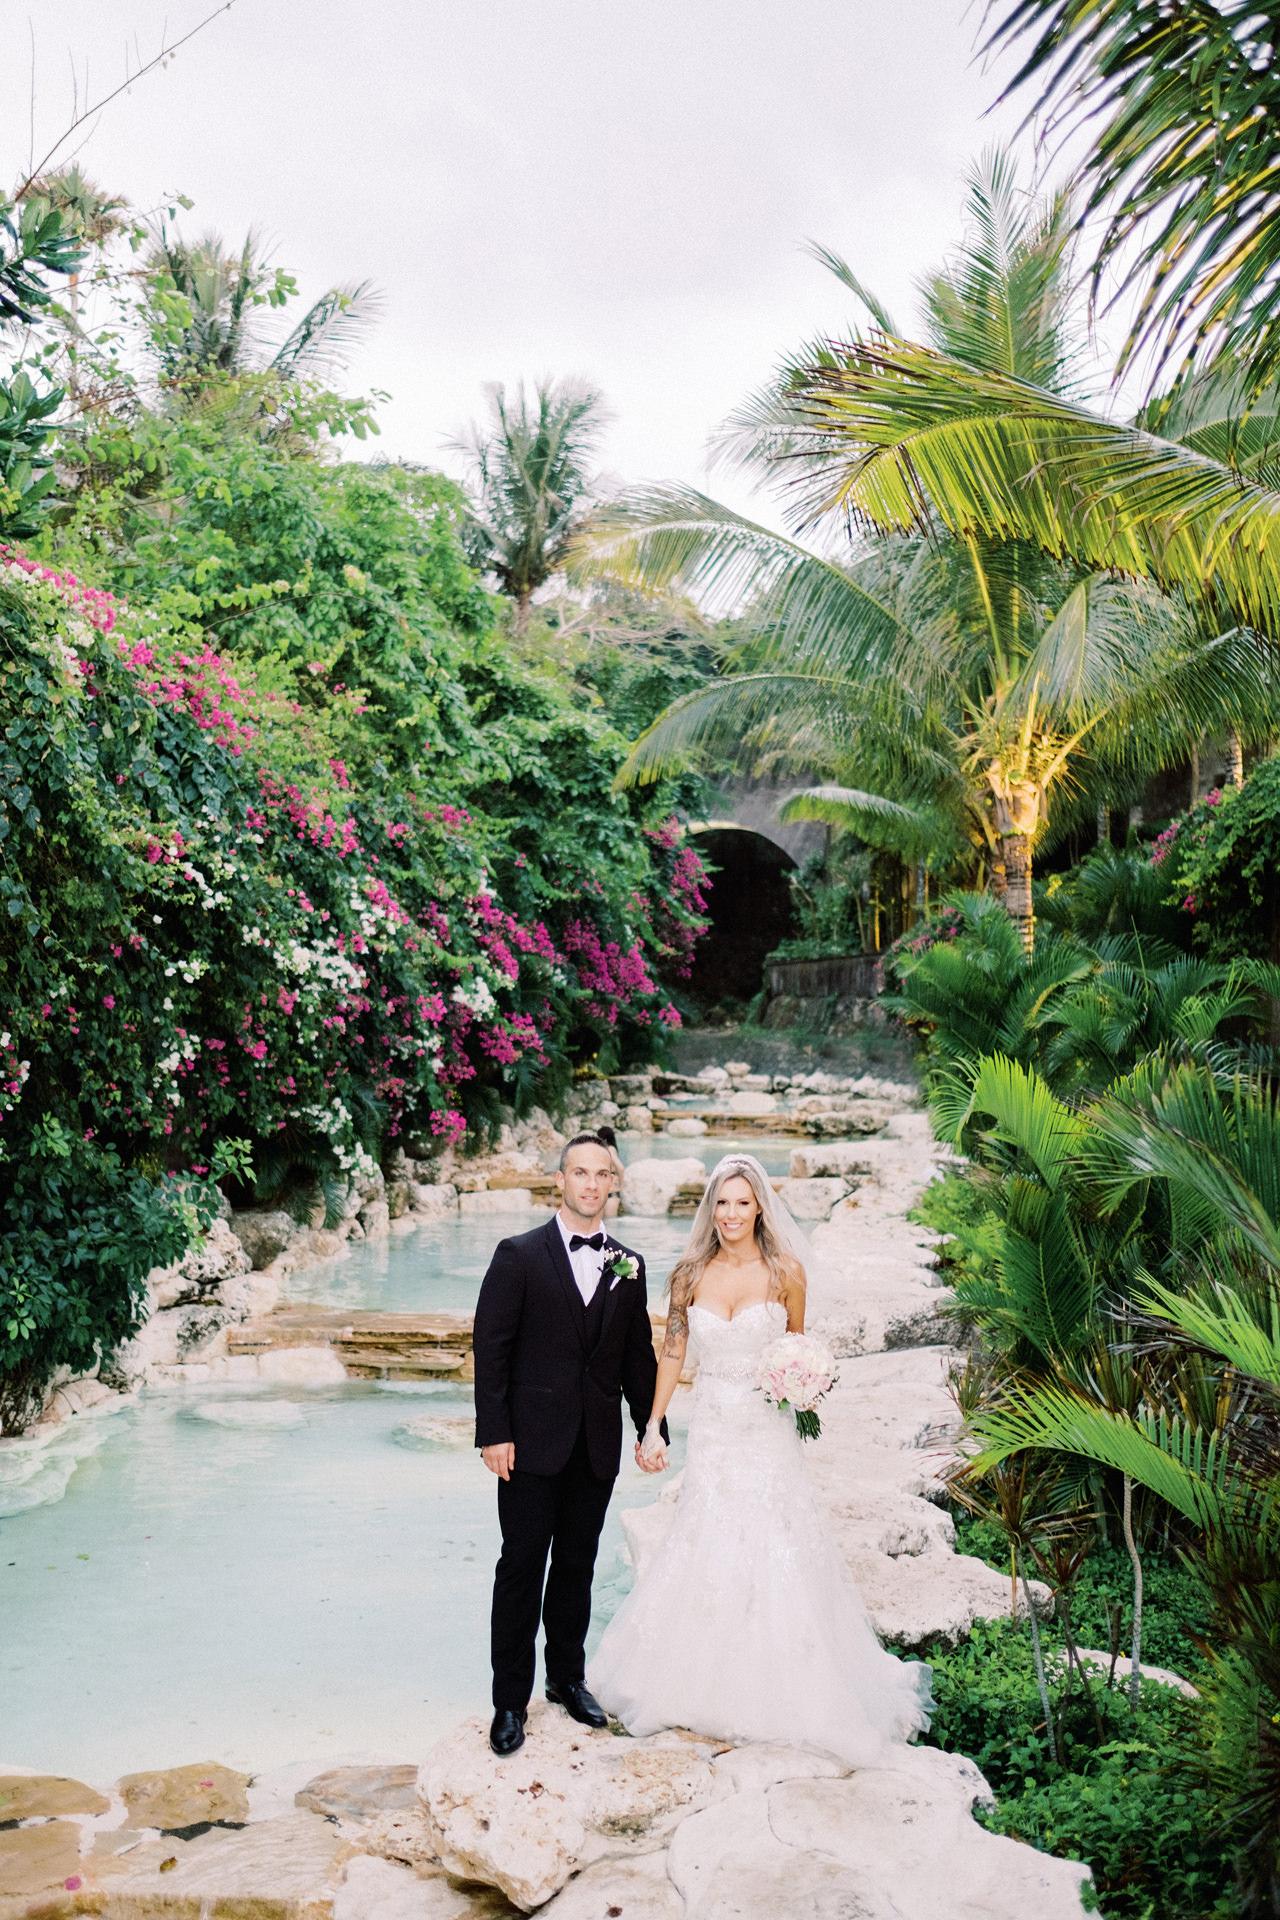 The Edge Uluwatu Bali Wedding 27